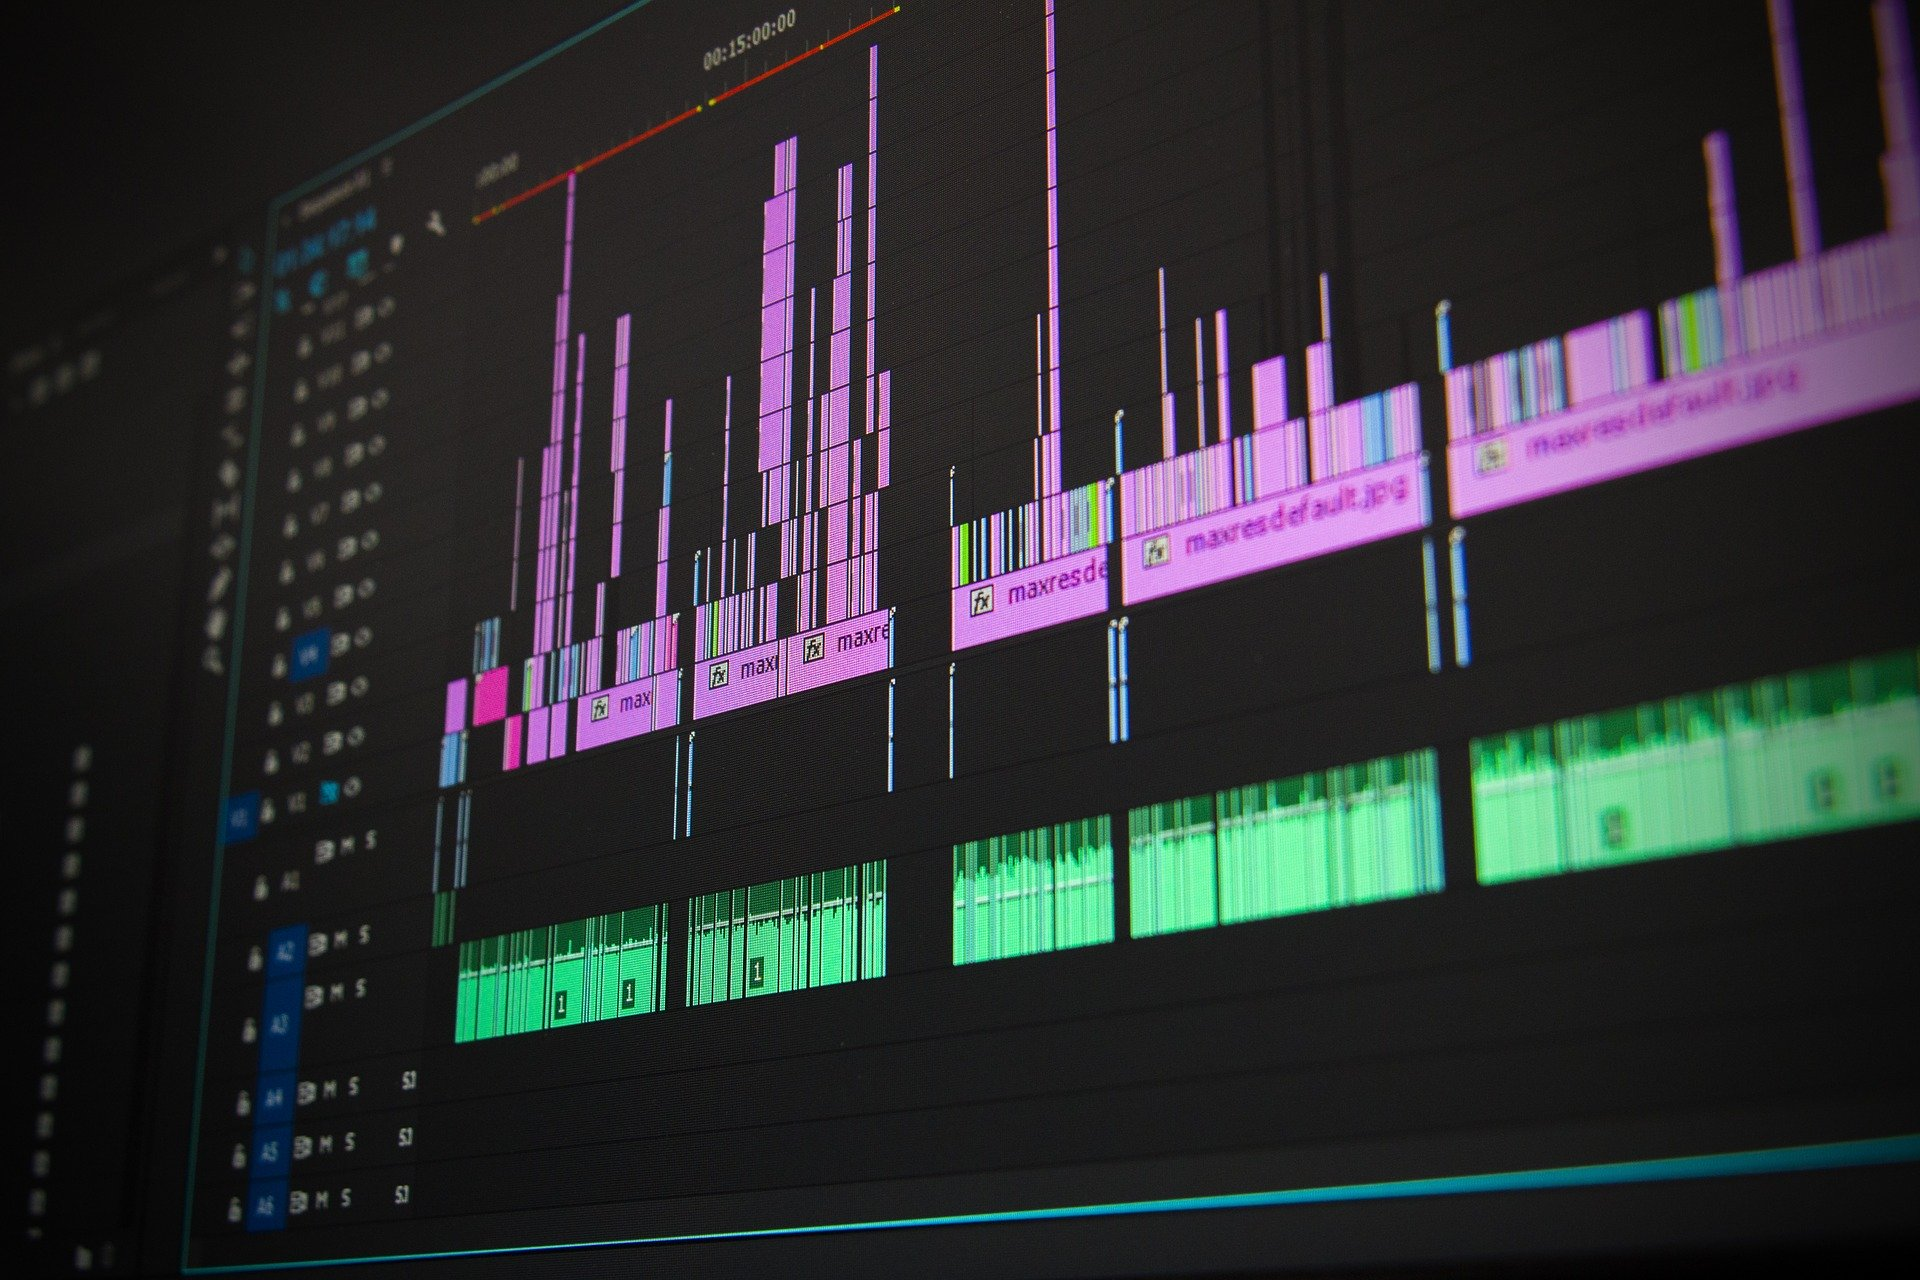 5 programas para editar video de forma gratuita en Windows